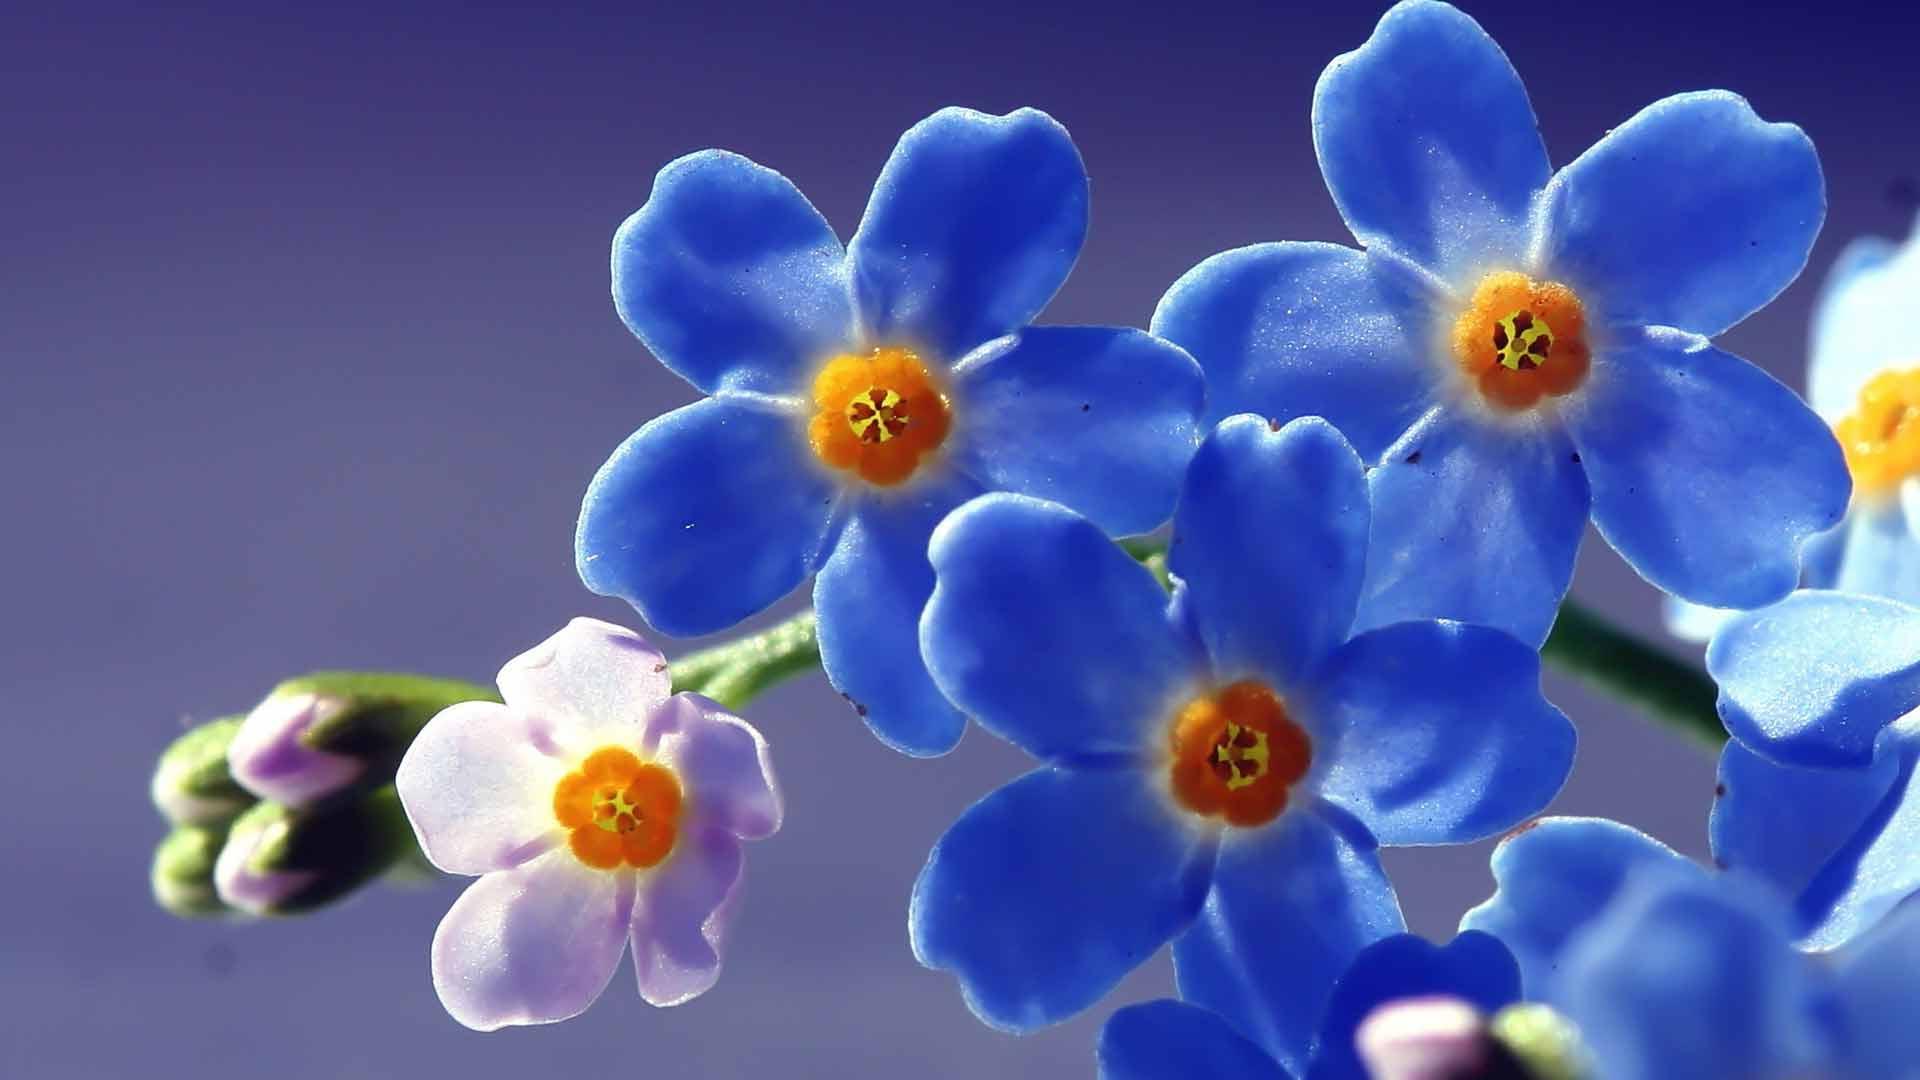 Обои Незабудки, картинки - Обои для ...: www.fullhdoboi.ru/photo/flowers/nezabudki/2-0-22604